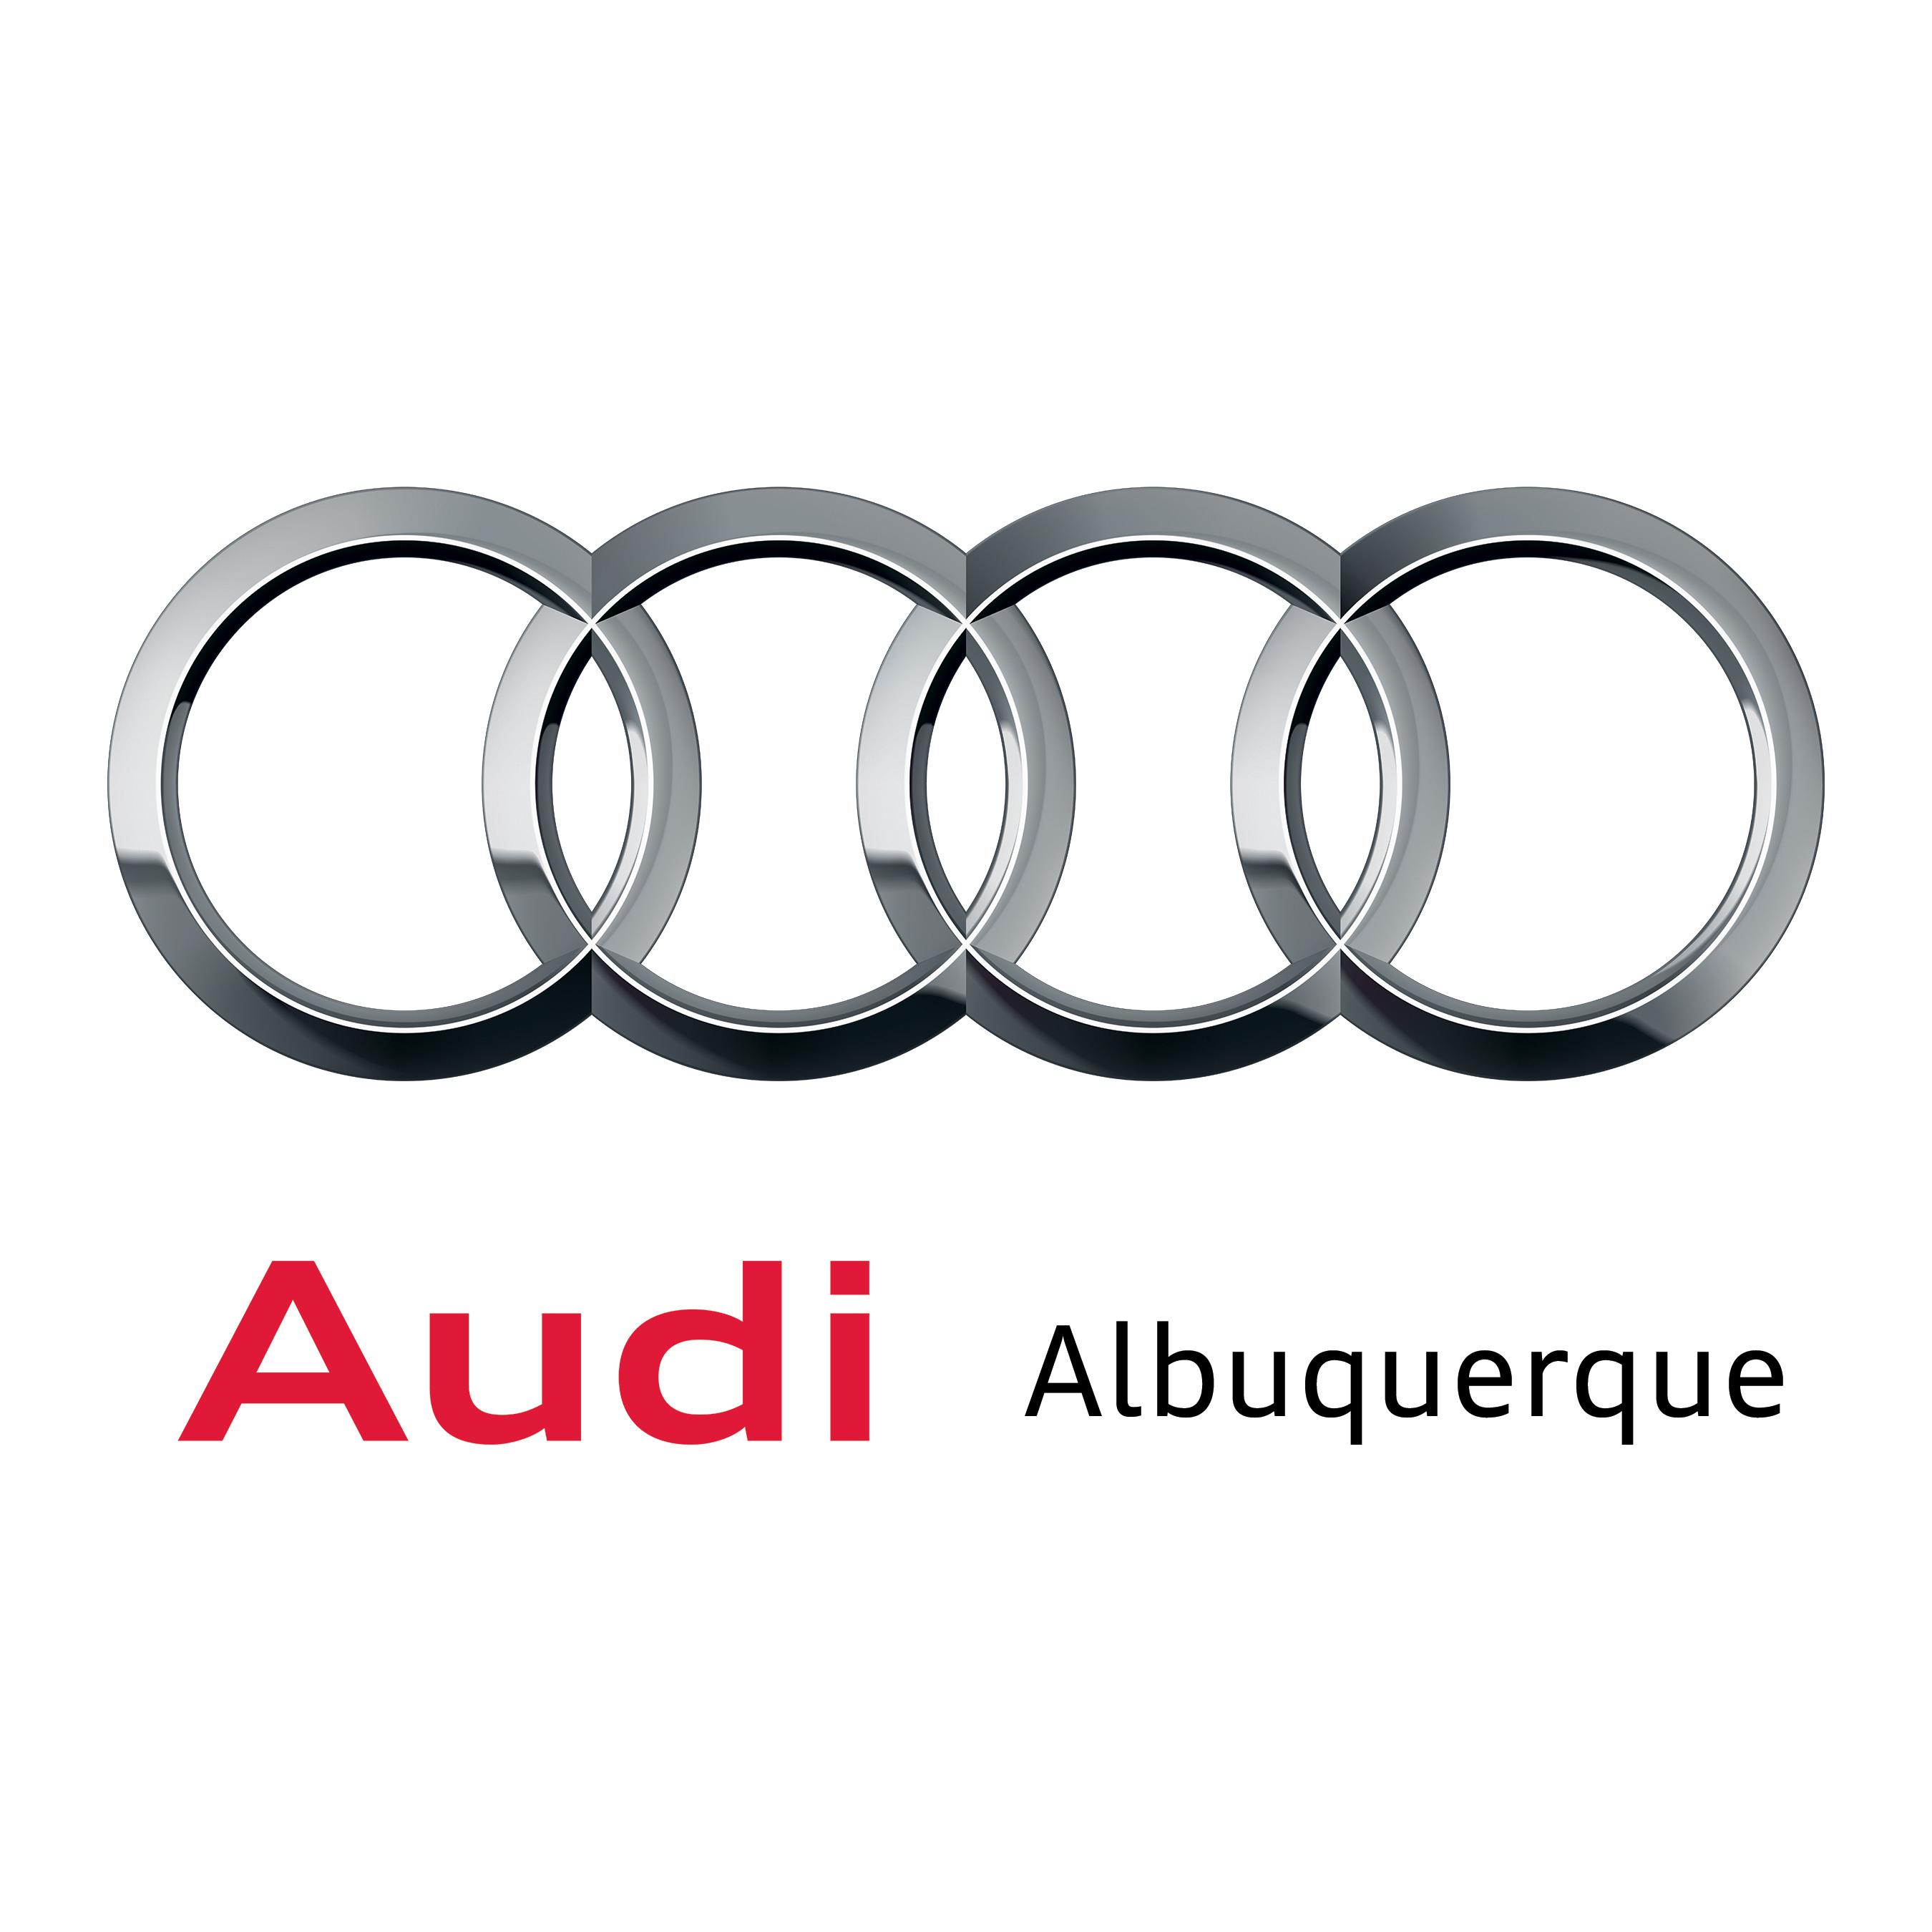 Audi Albuquerque